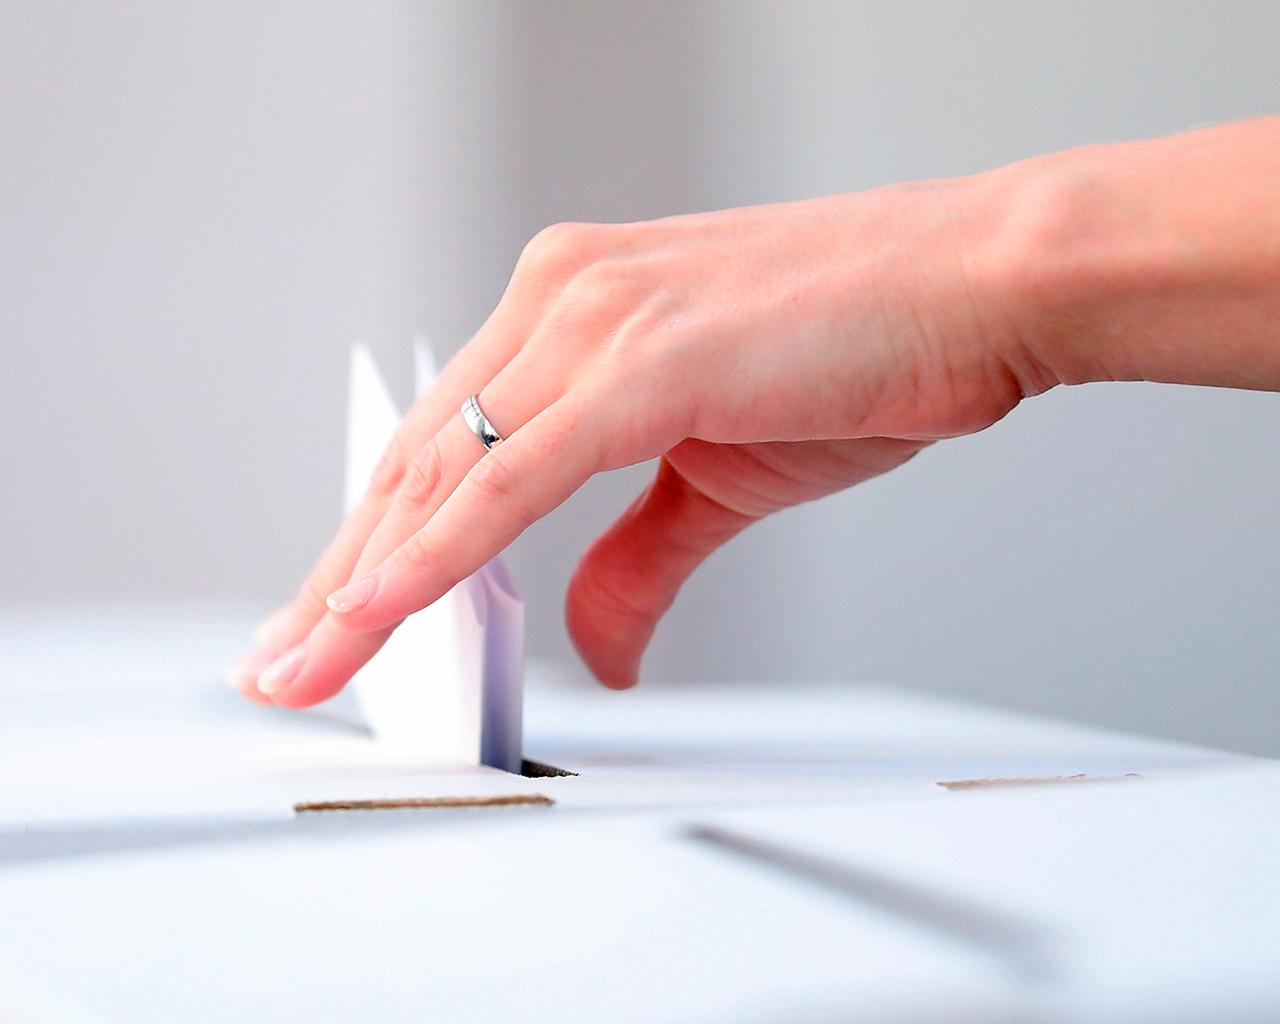 ¿Puede el voto femenino definir el resultado de una elección? Estudio analizó brecha de género en participación electoral